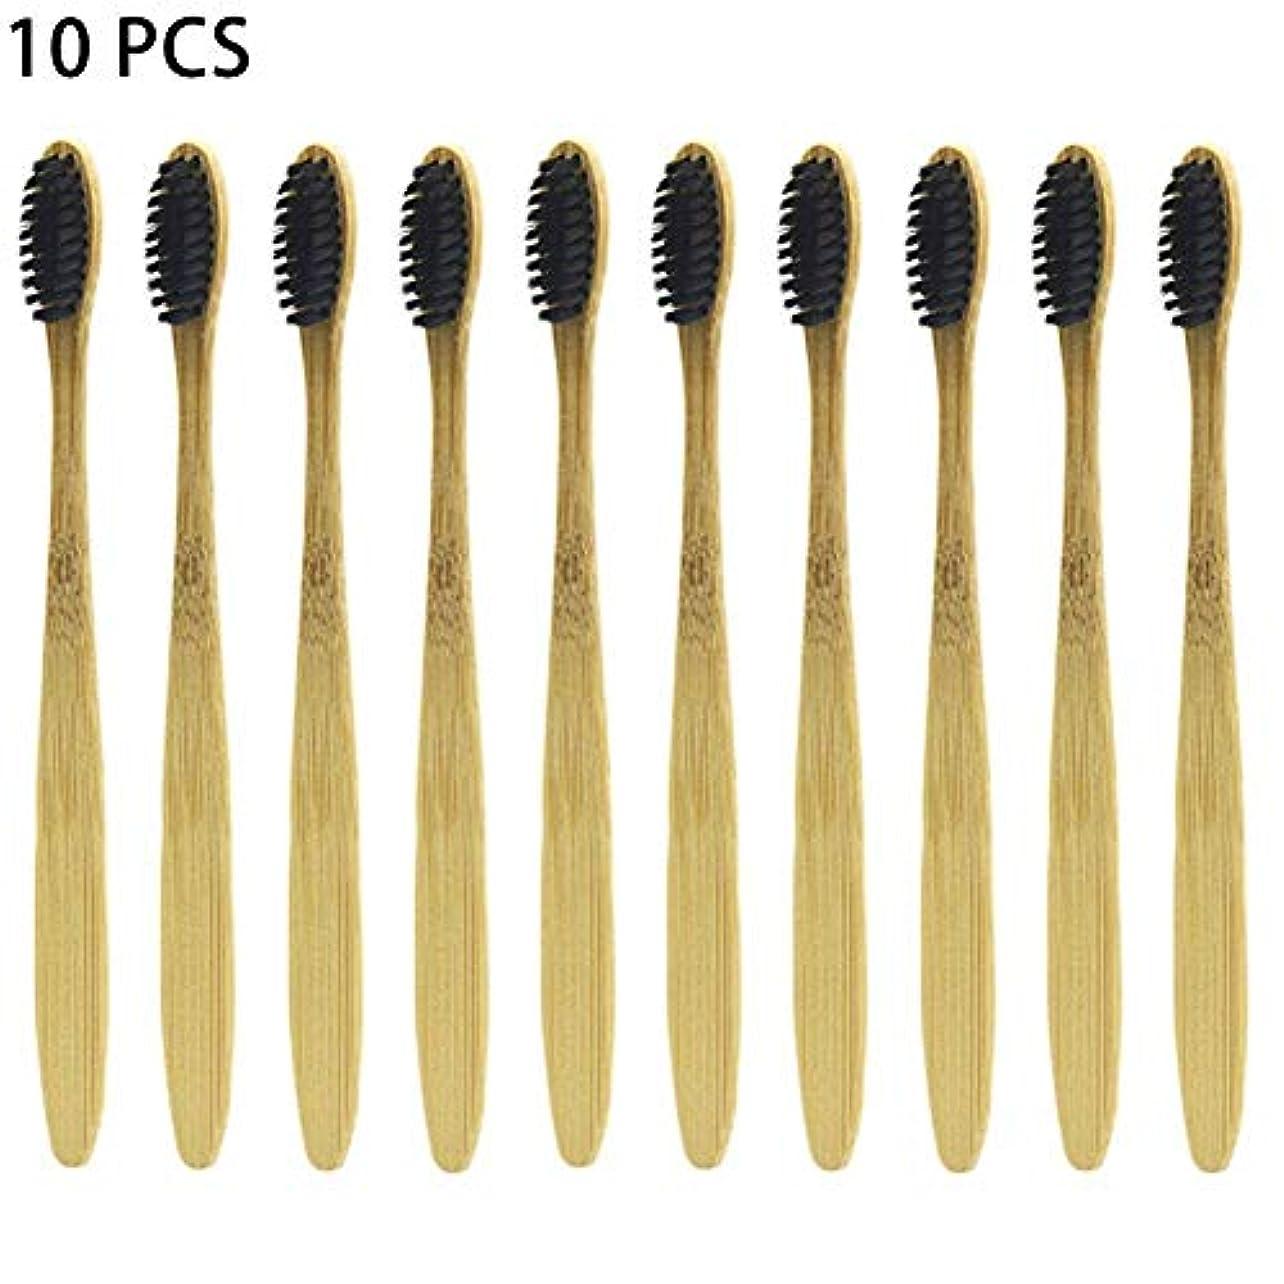 元に戻す絶望不道徳snowflake 歯ブラシ 10 PCS 竹歯ブラシ やわらかめ 超コンパクト 環境に優しい ソフトブレスト 清潔 軽量 携帯便利 旅行出張に最適 家族用 密度が多い 黒、カーキ 18 cm(ブラック) first-rate